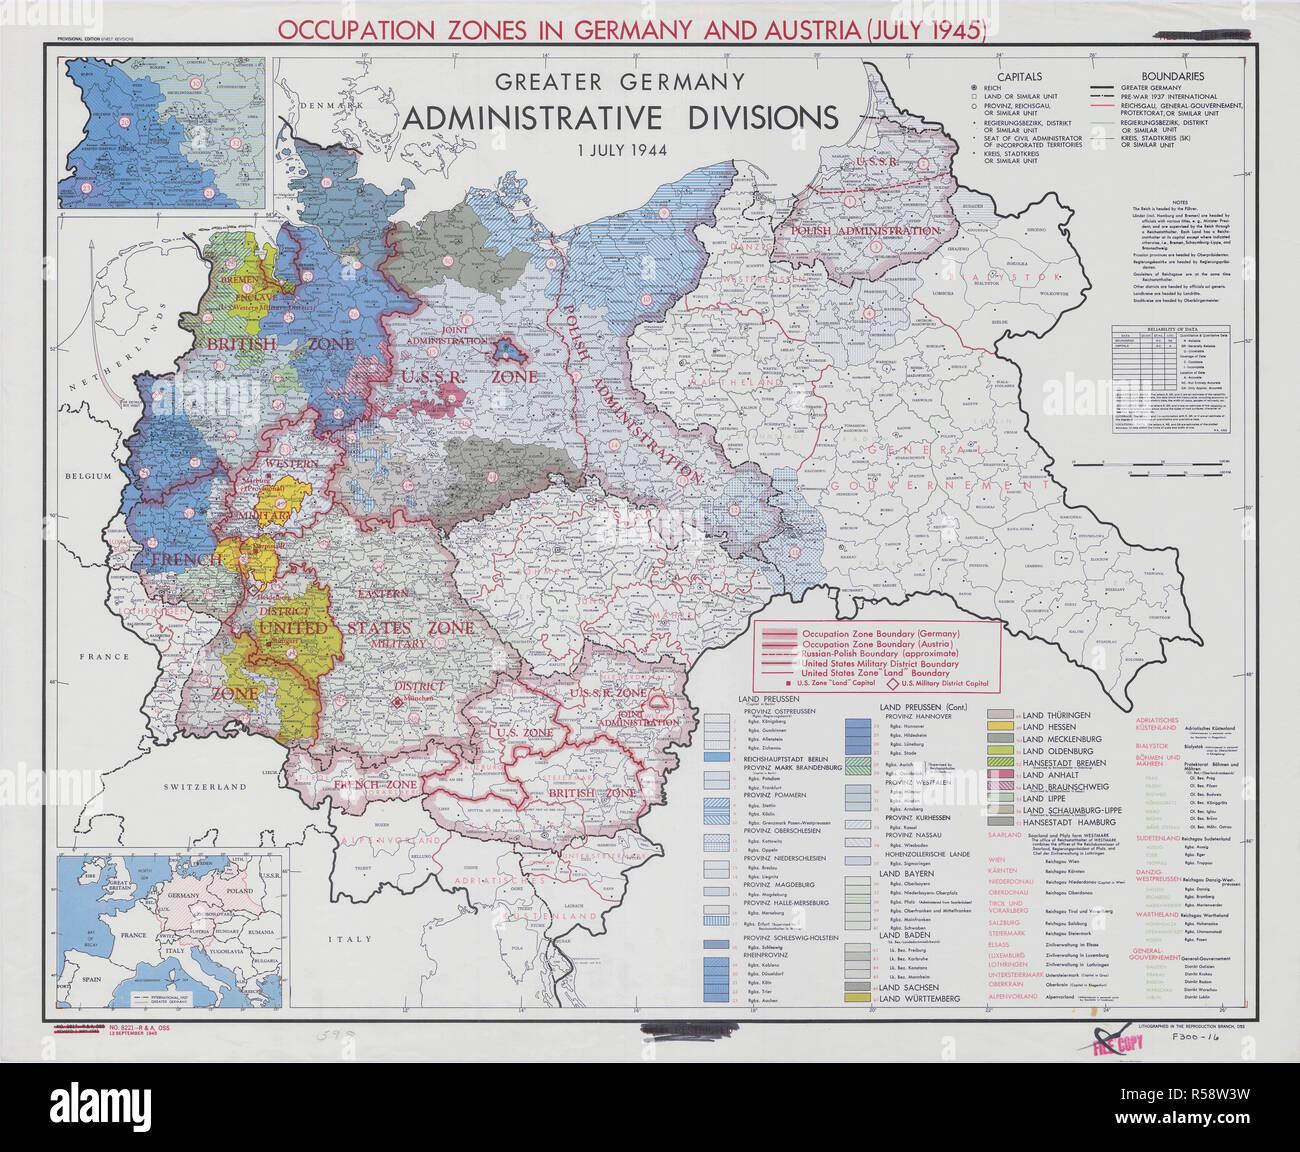 Carte Occupation Allemagne 1945.Juillet 1945 La Deuxieme Guerre Mondiale Des Cartes Et